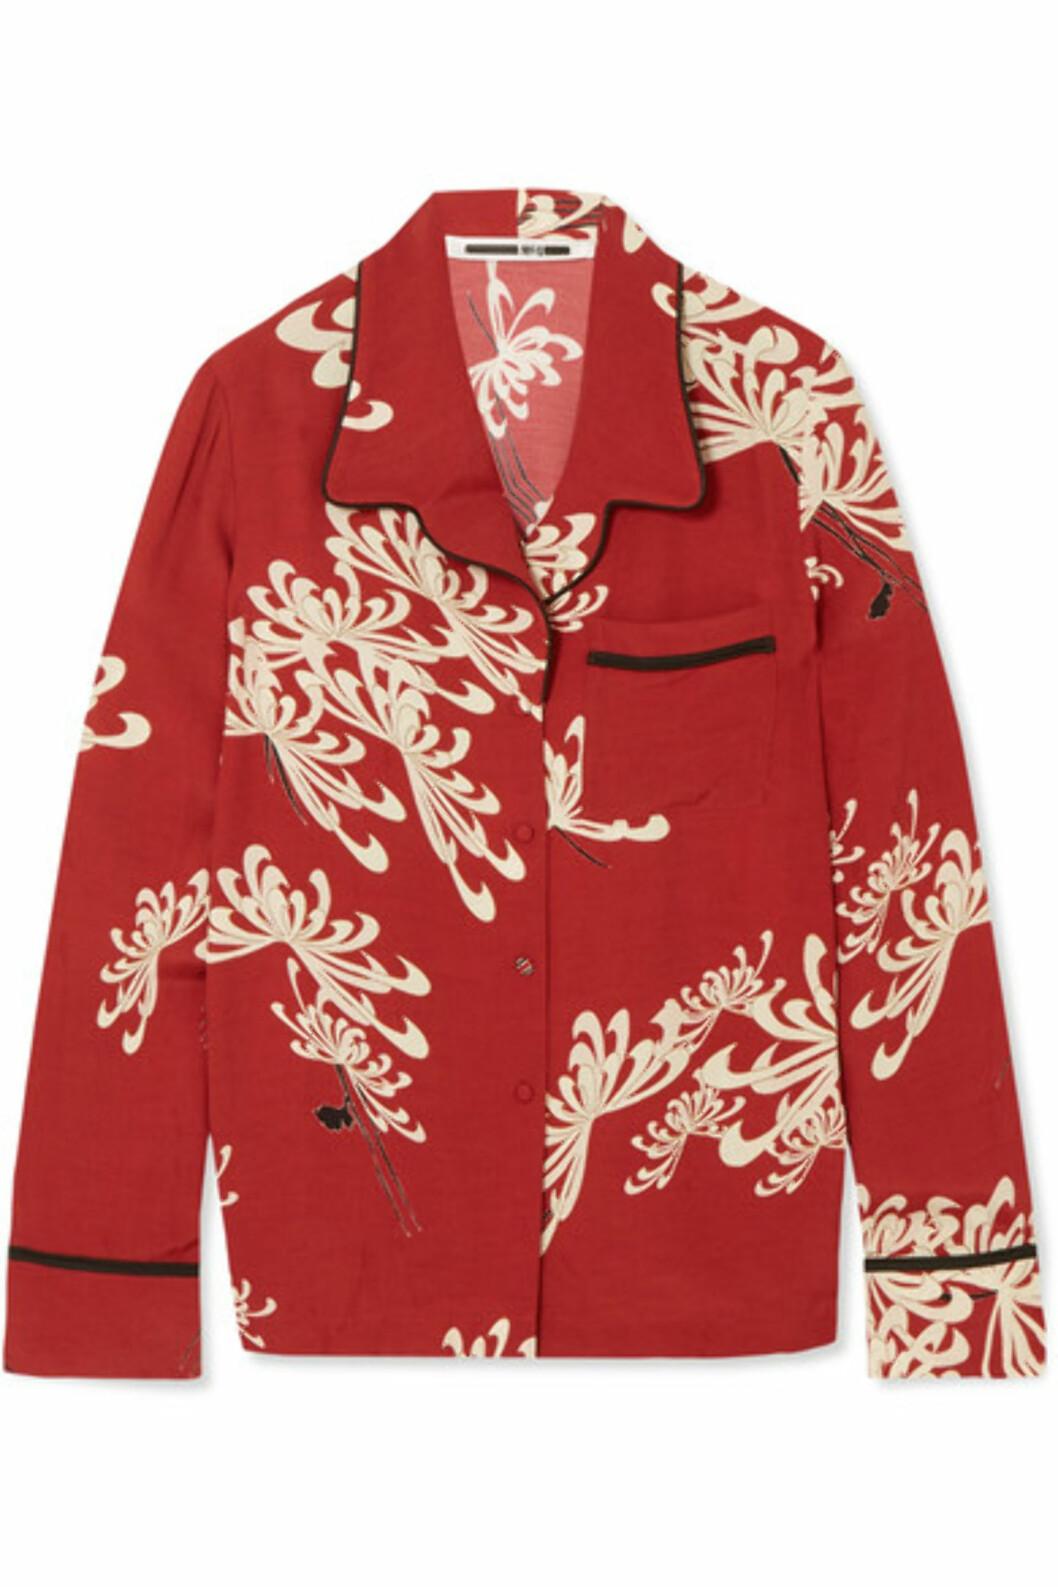 Skjorte fra Alexander McQueen via Net-a-porter.com |4300,-| https://www.net-a-porter.com/no/en/product/989279/mcq_alexander_mcqueen/printed-crepe-de-chine-shirt